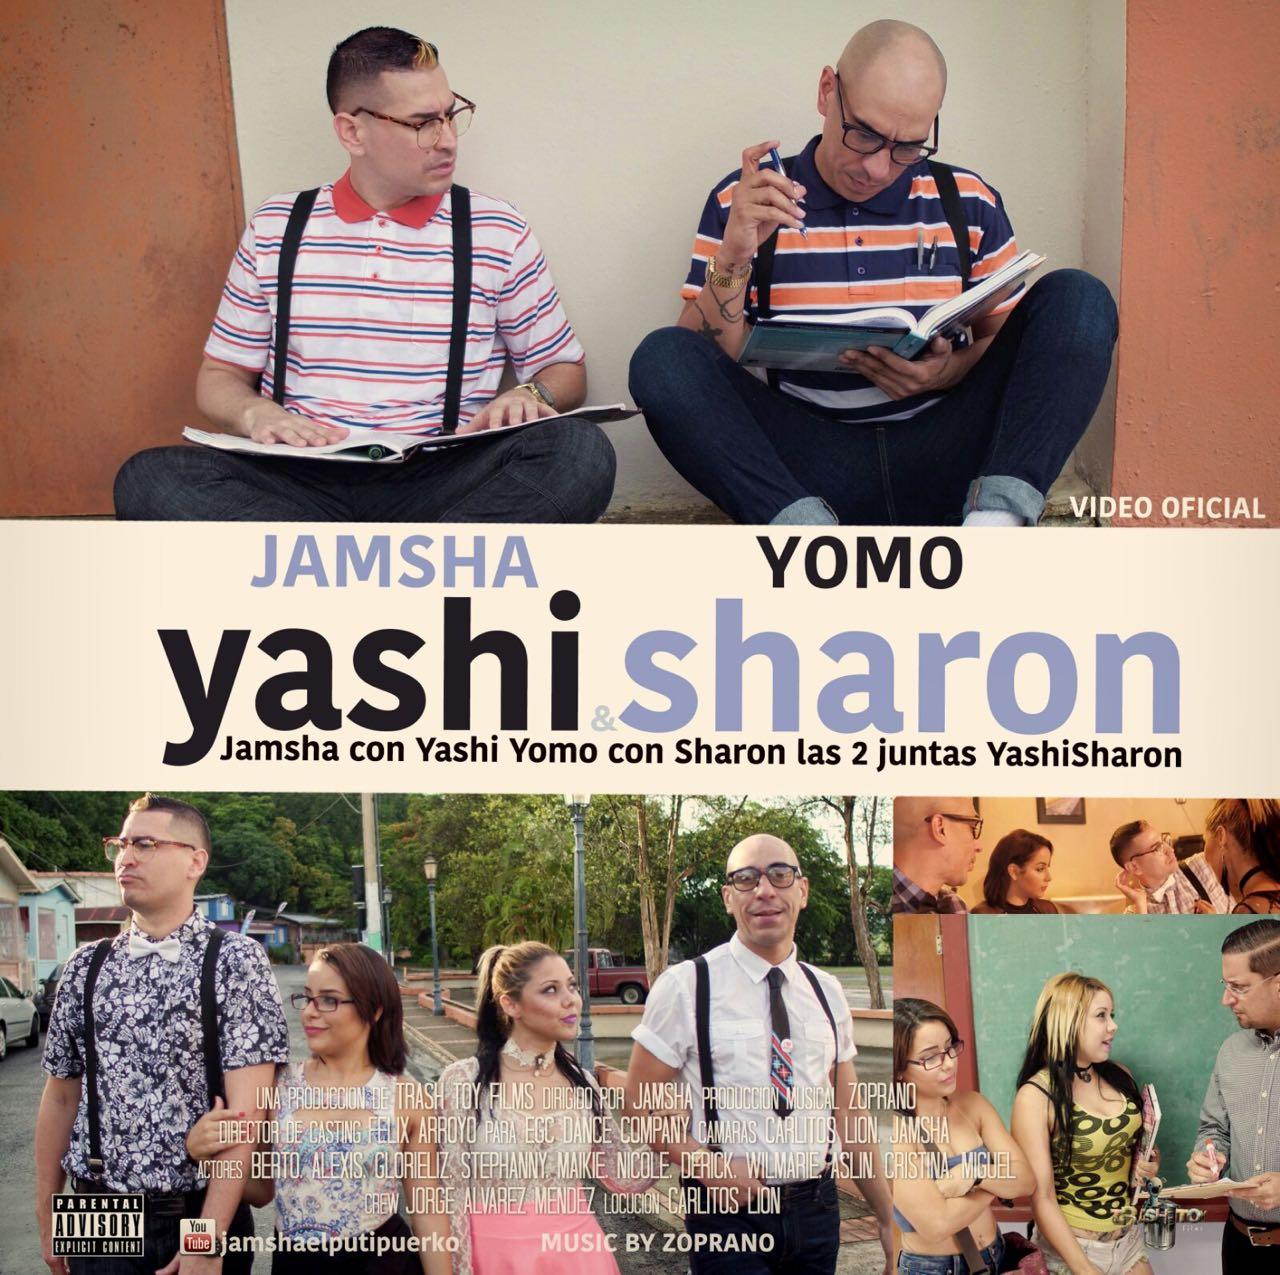 """Jamsha y Yomo llegan a medio millón de visitas con """"Yashi y Sharon"""" - Jamsha y Yomo llegan a medio millón de visitas con """"Yashi y Sharon"""""""